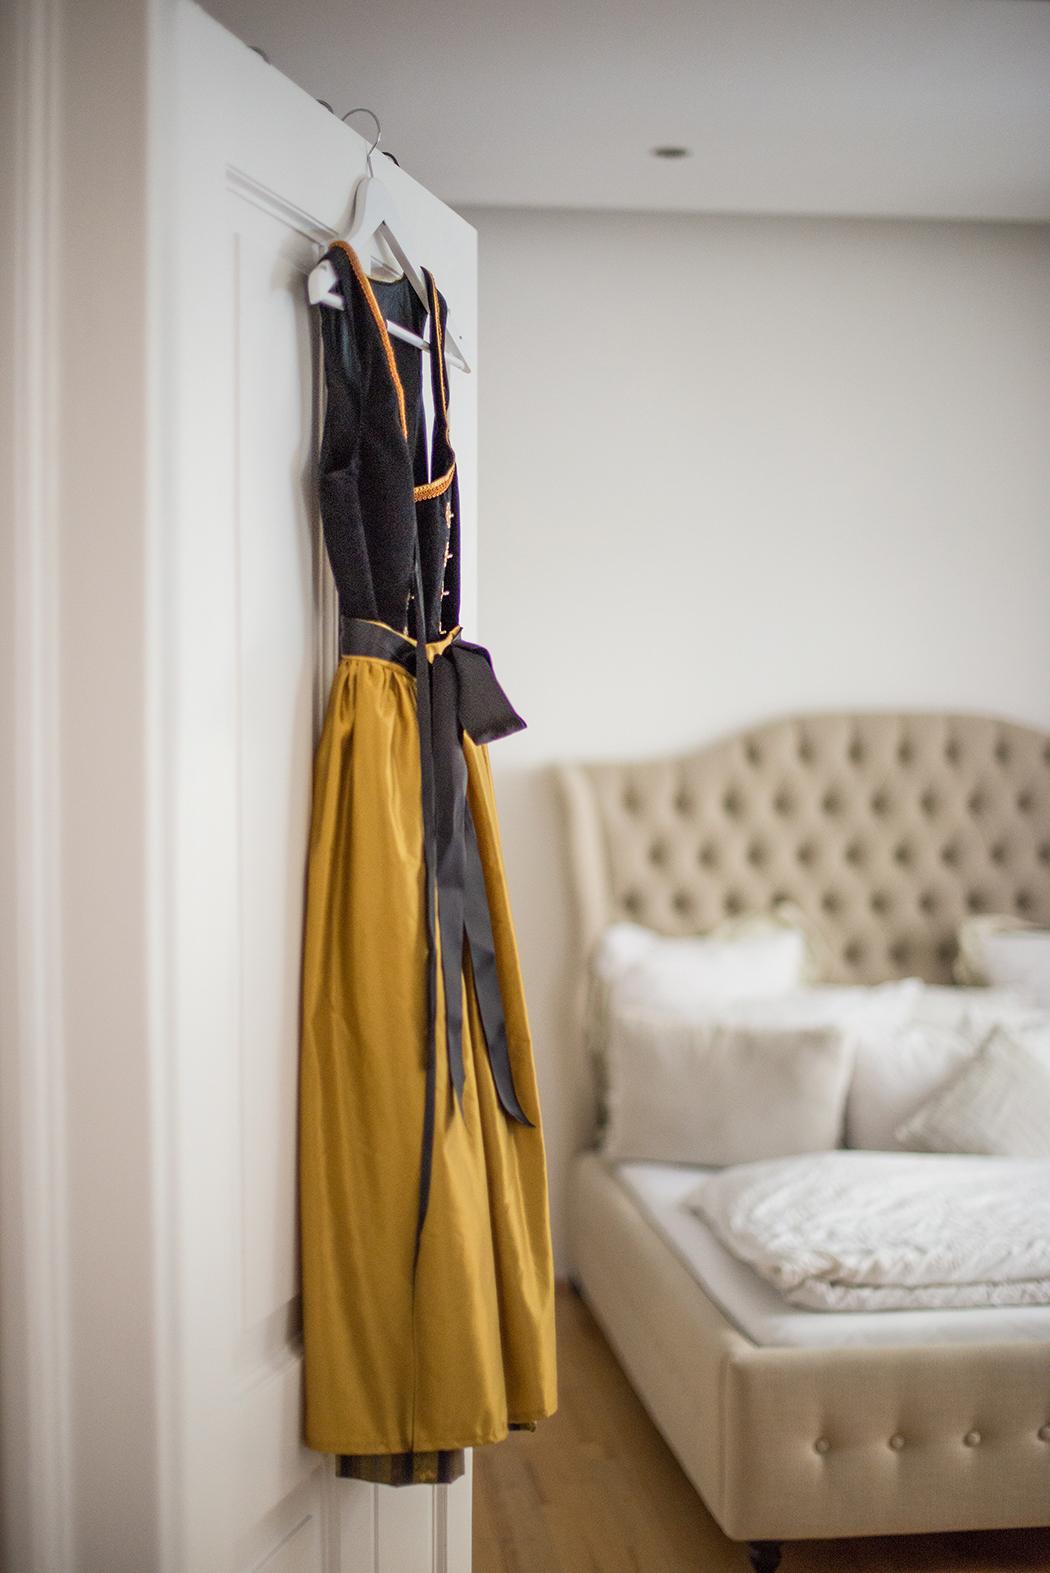 Fashionblog-Fashionblogger-Fashion-Blog-Blogger-Lifestyle-Wiesn-Tracht-Dirndl-Linda-Lindarella-München-Deutschland-1-web